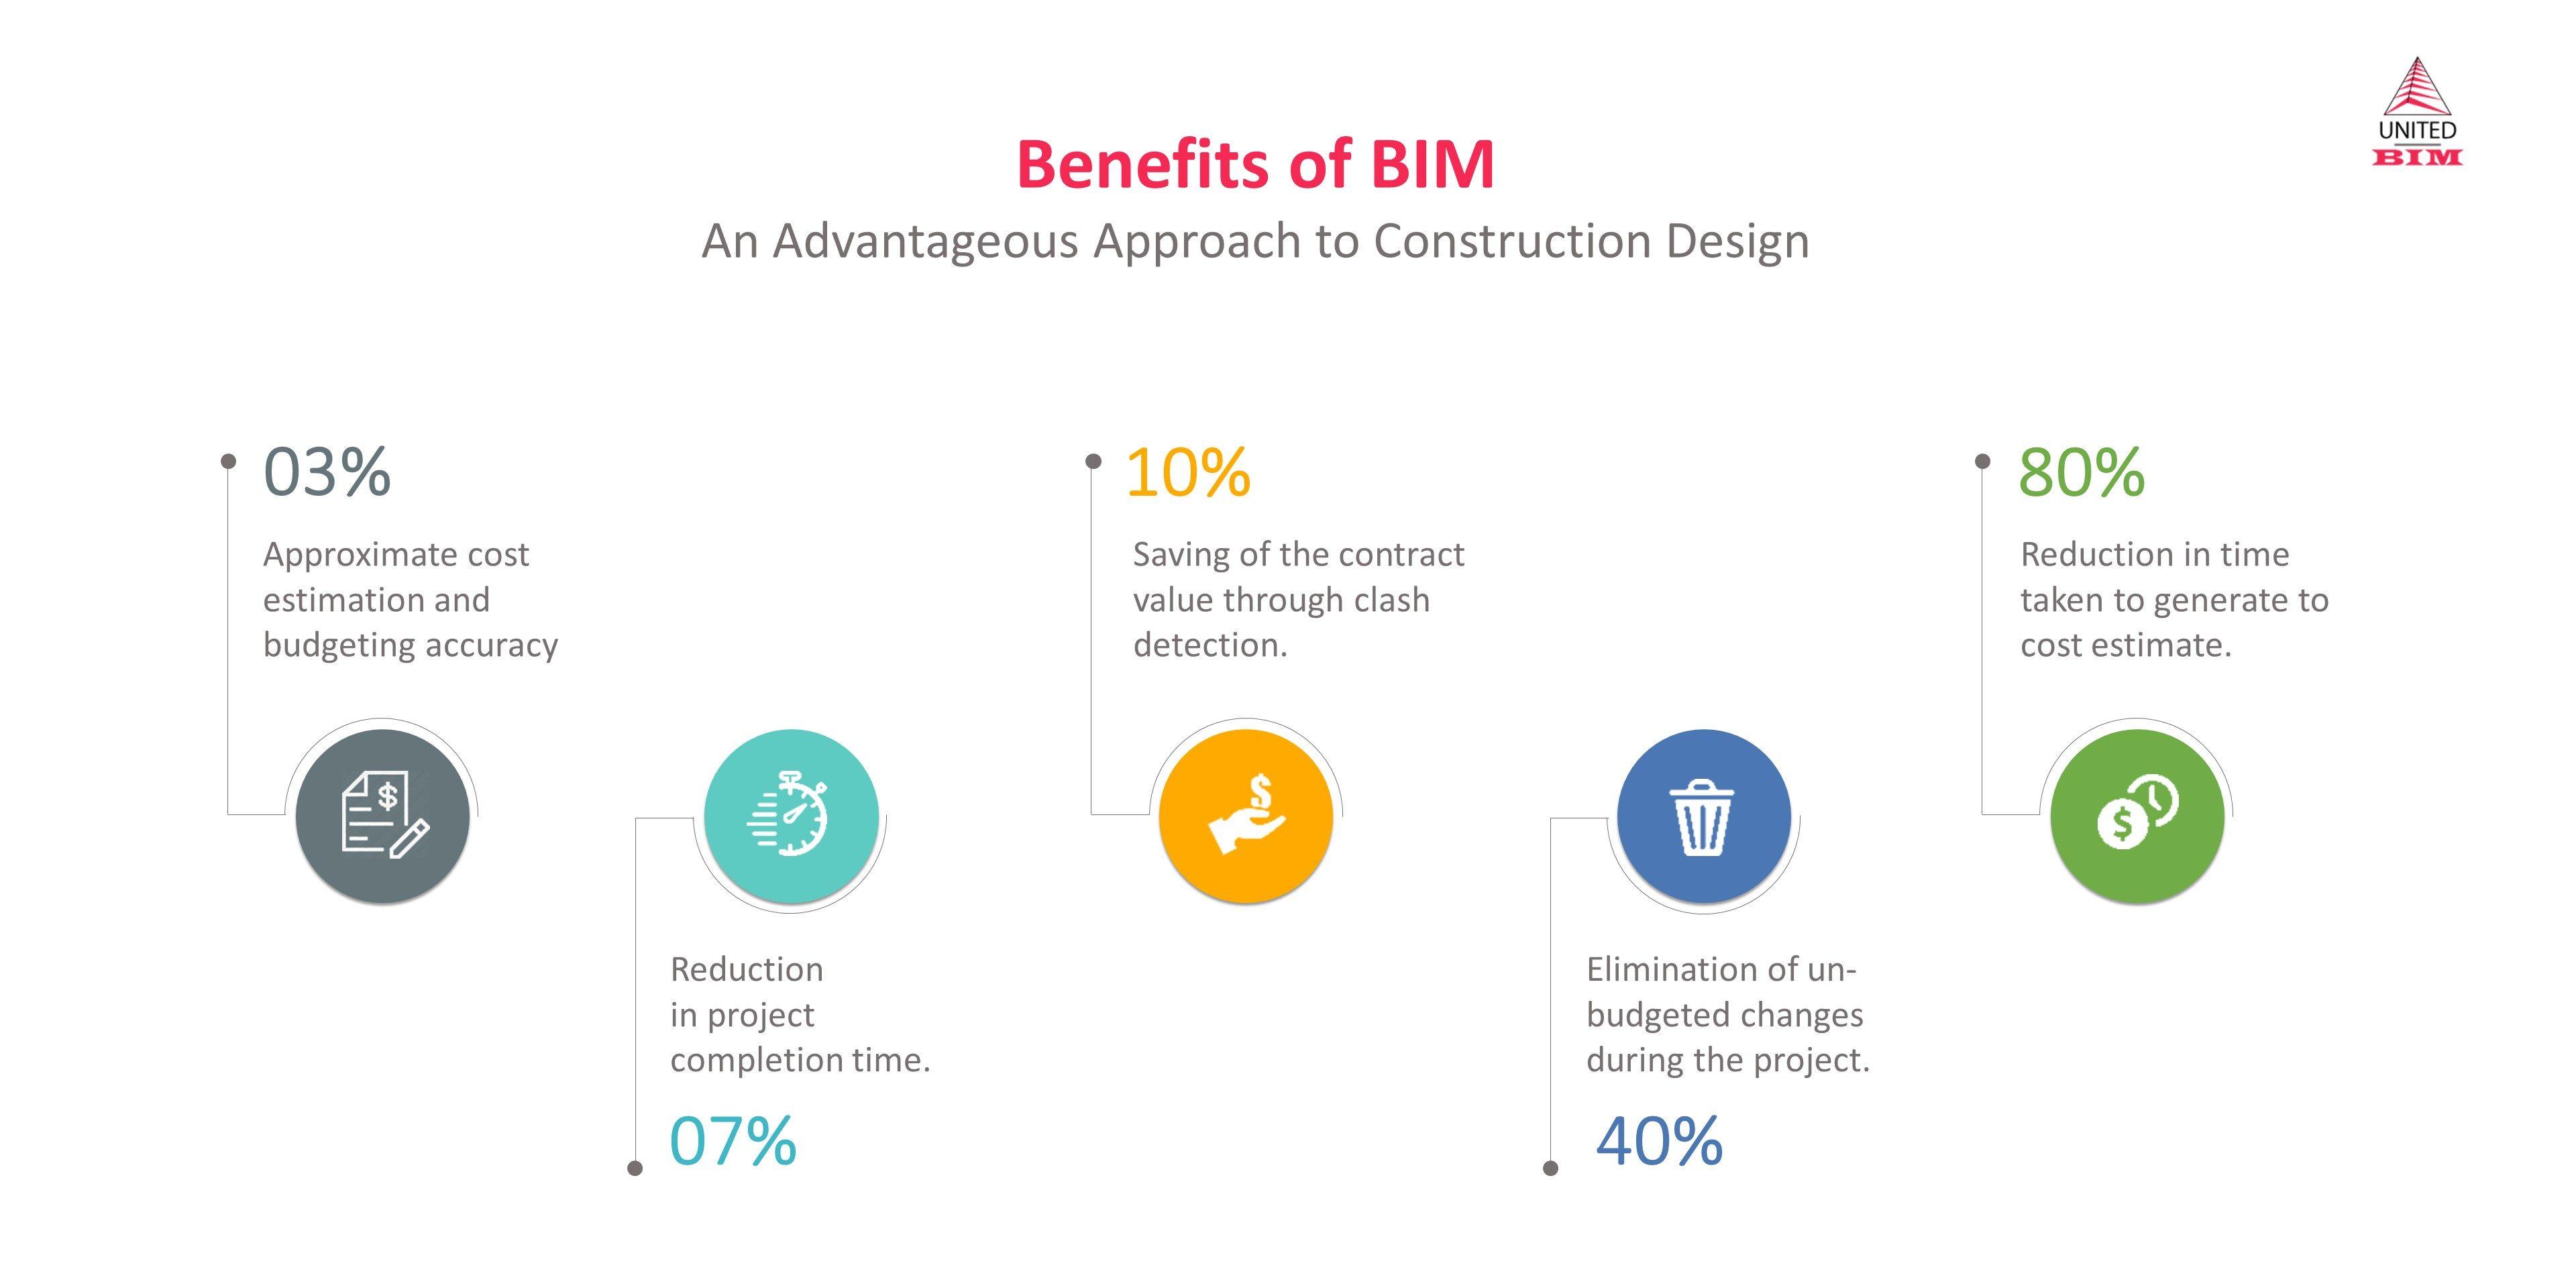 Benefits of BIM: An Advantageous Approach to Construction Design by United-BIM